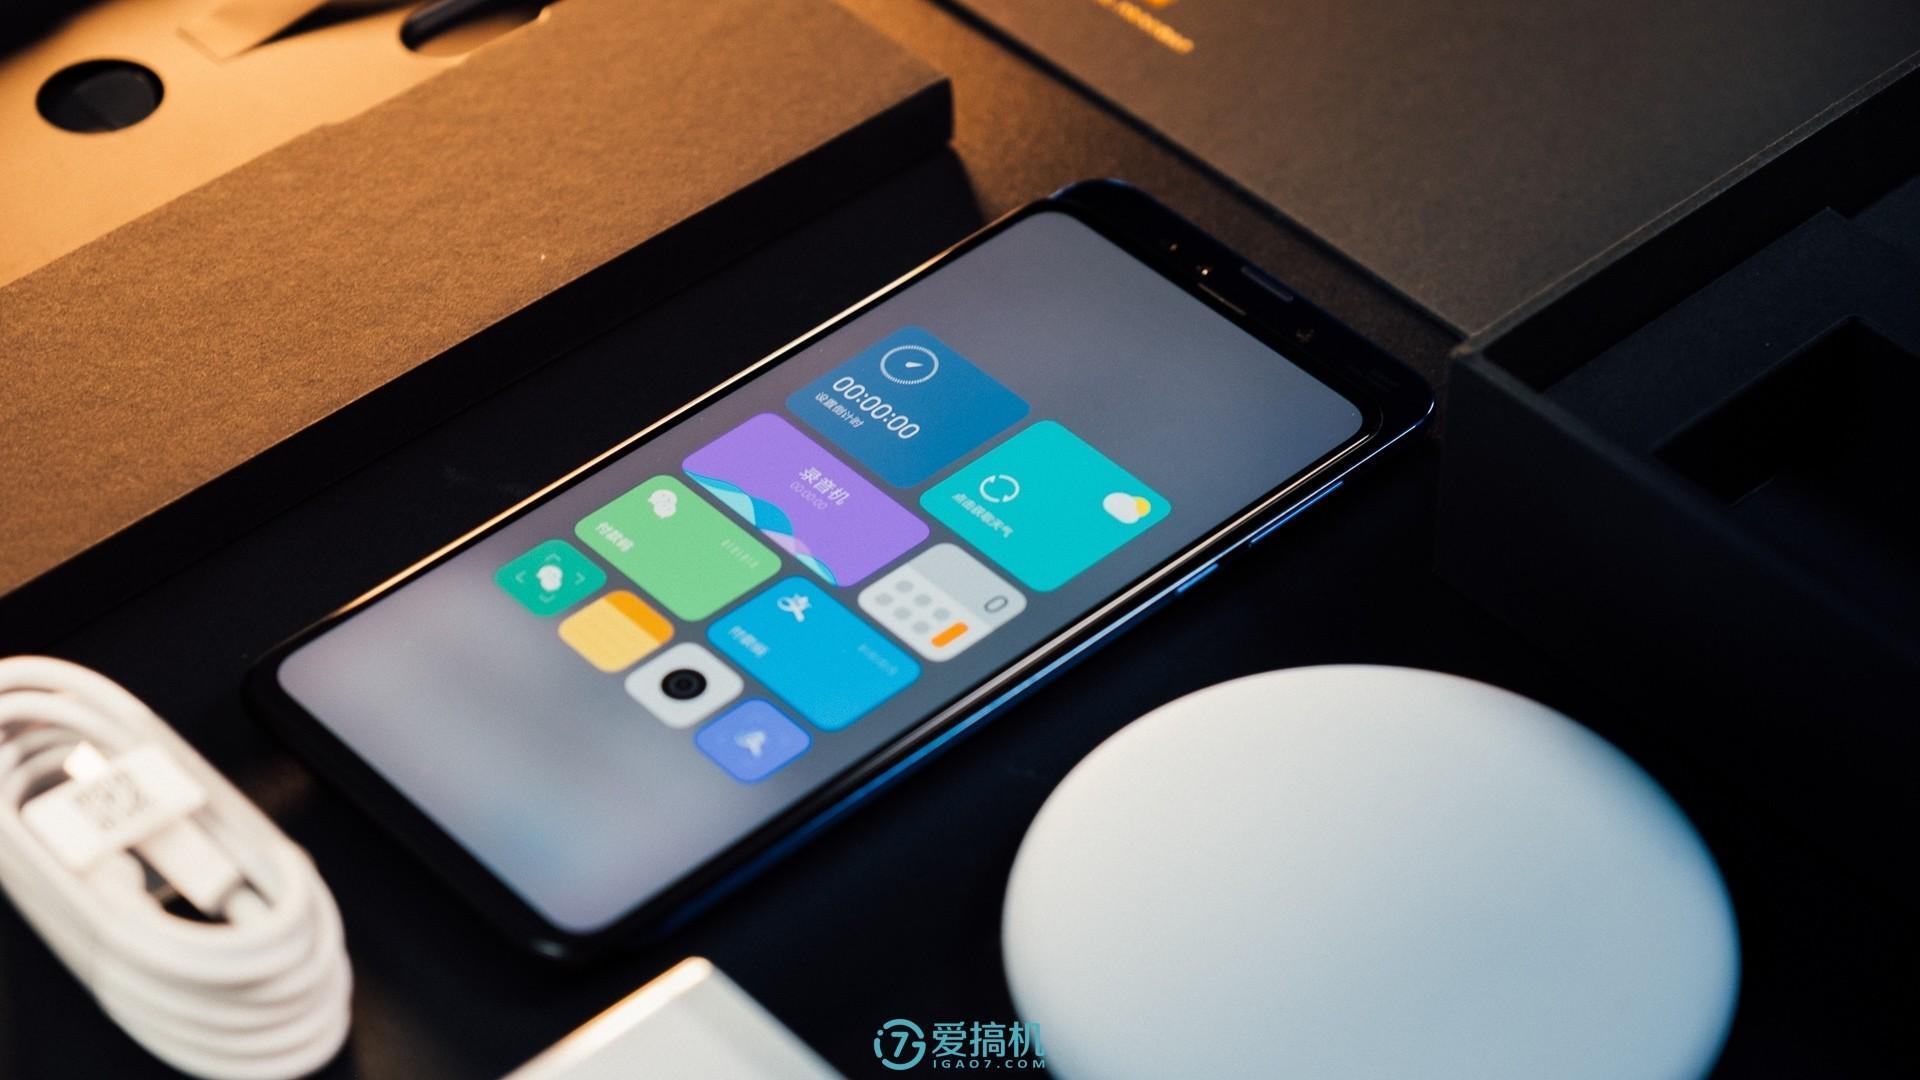 小米手机发布全新升级单独知名品牌红米noteRedmi,1月10日或发旗舰机